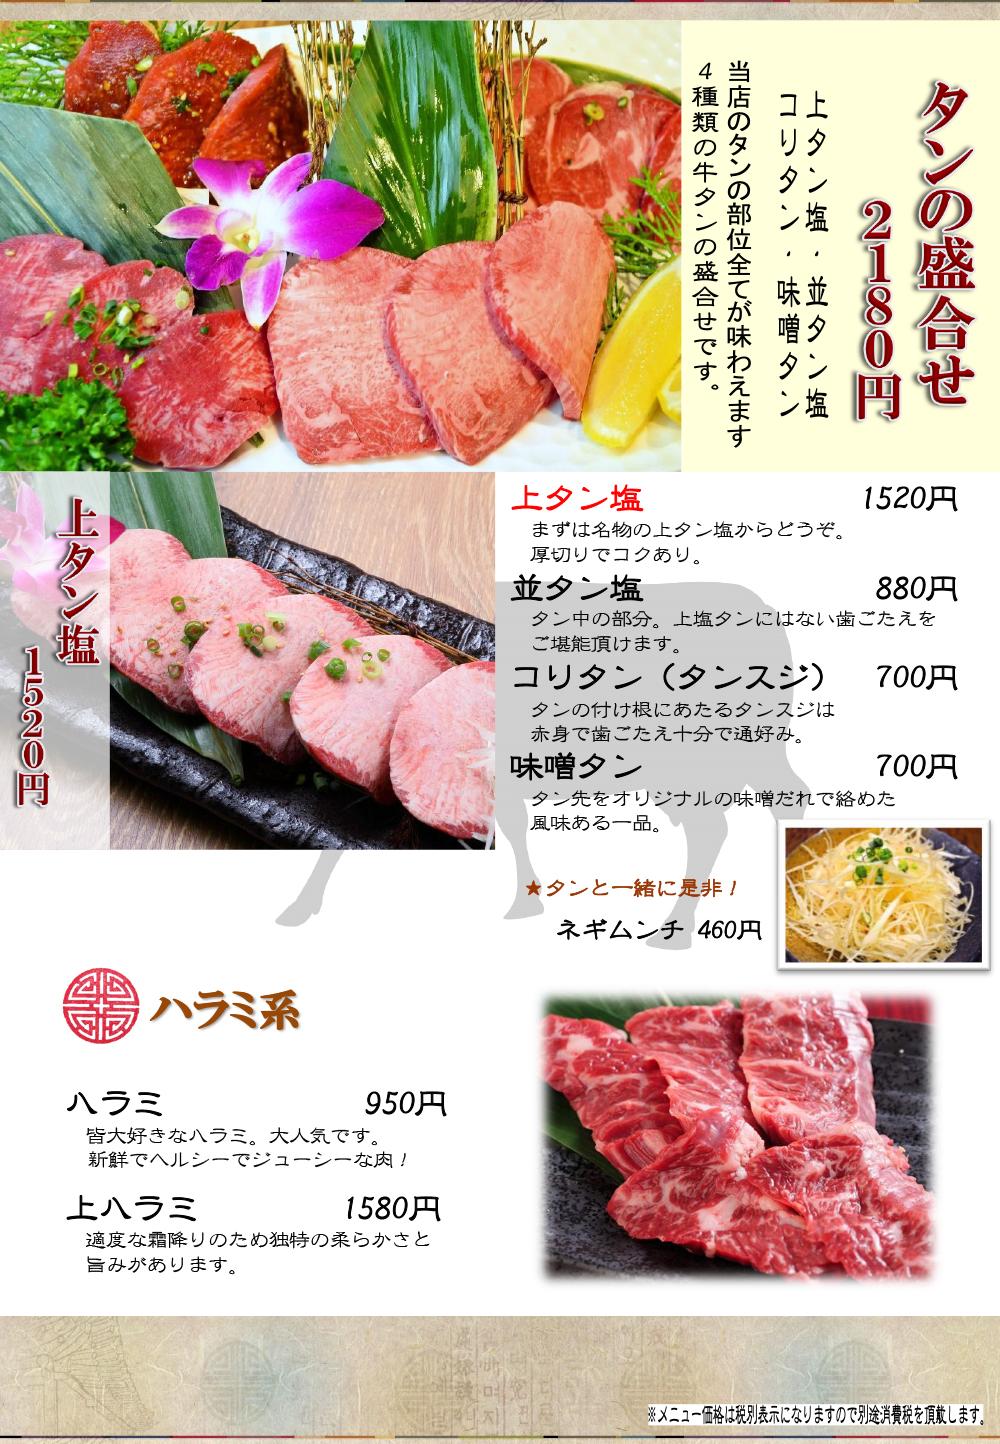 浦安店 焼き物メニュー3